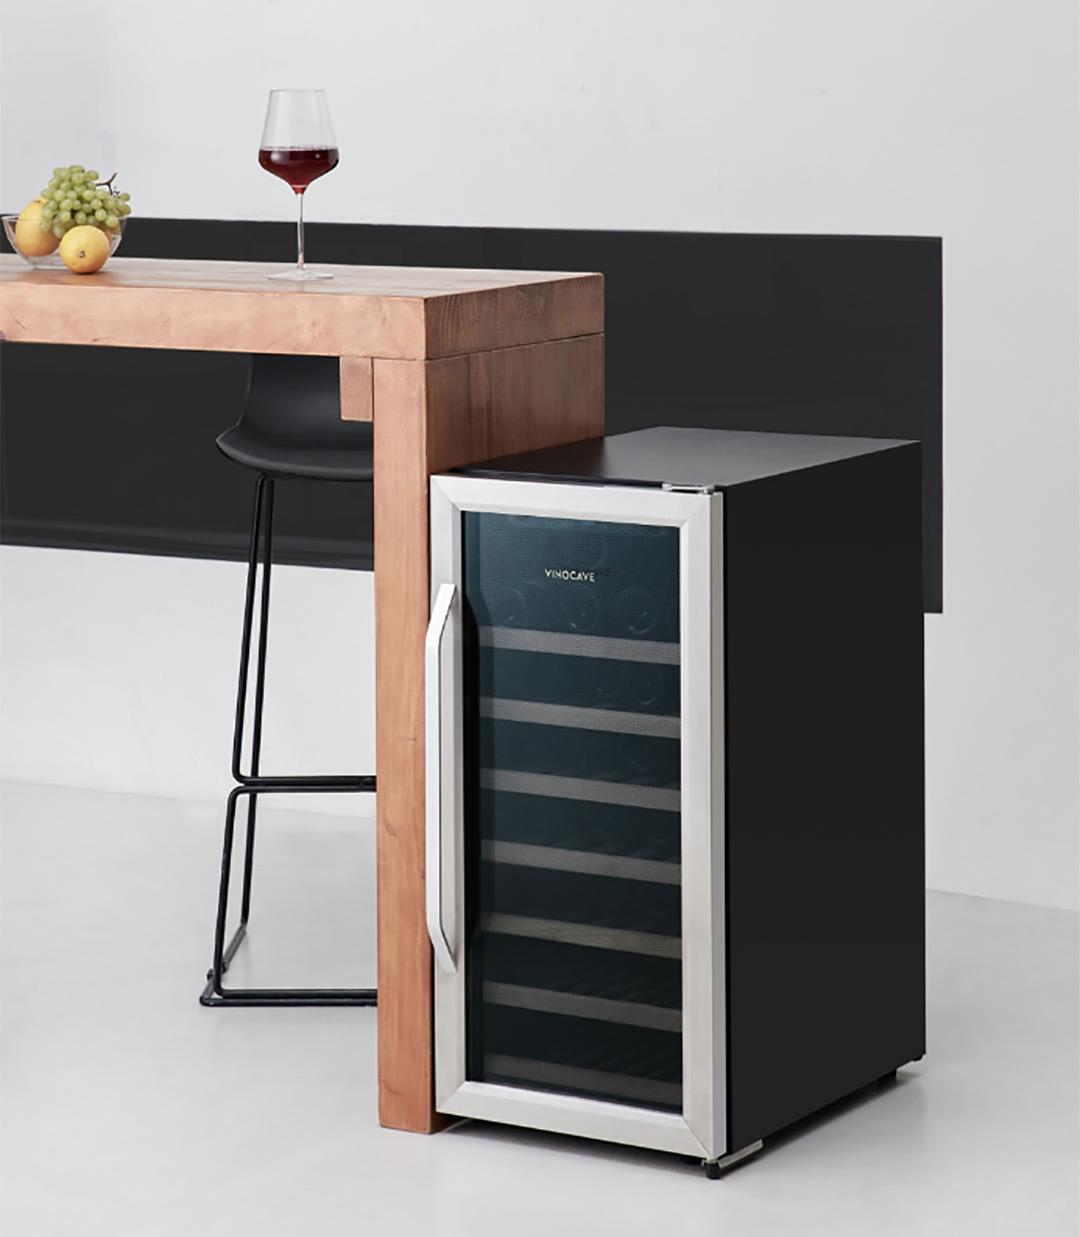 Xiaomi Vinocave Constant Temperature Wine Cooler